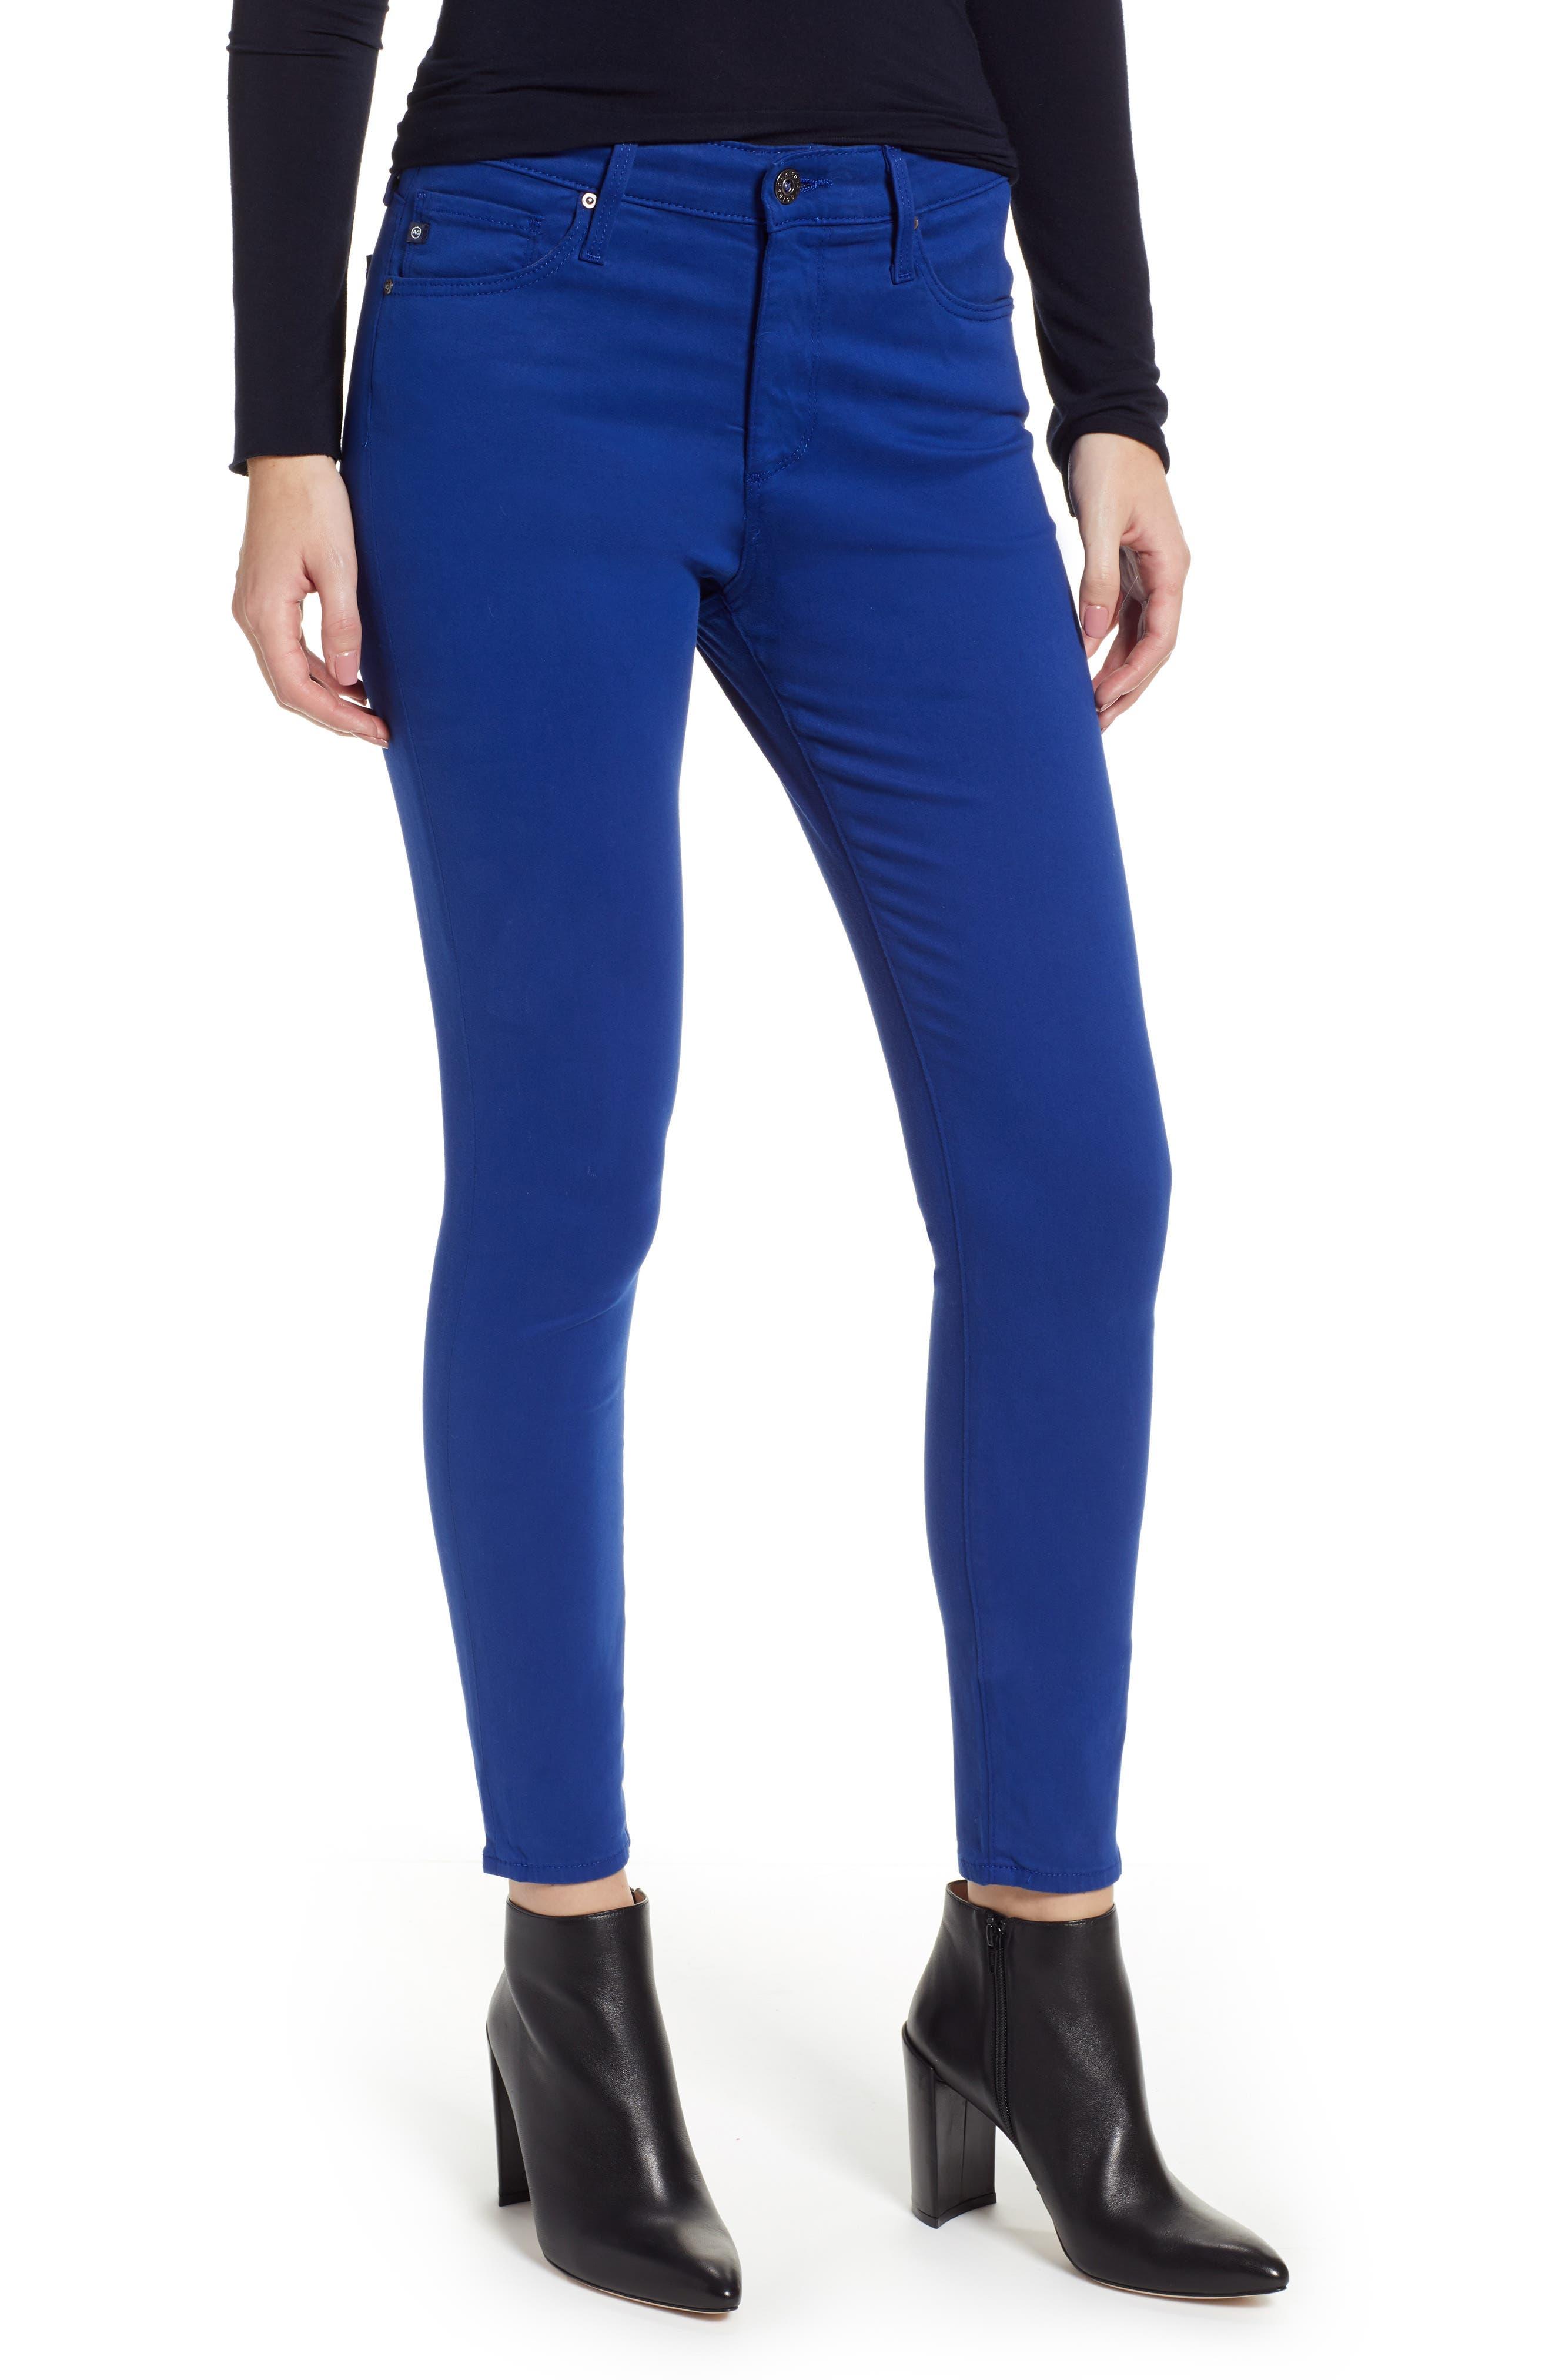 Farrah High Waist Ankle Skinny Jeans,                             Main thumbnail 1, color,                             EGYPTIAN BLUE